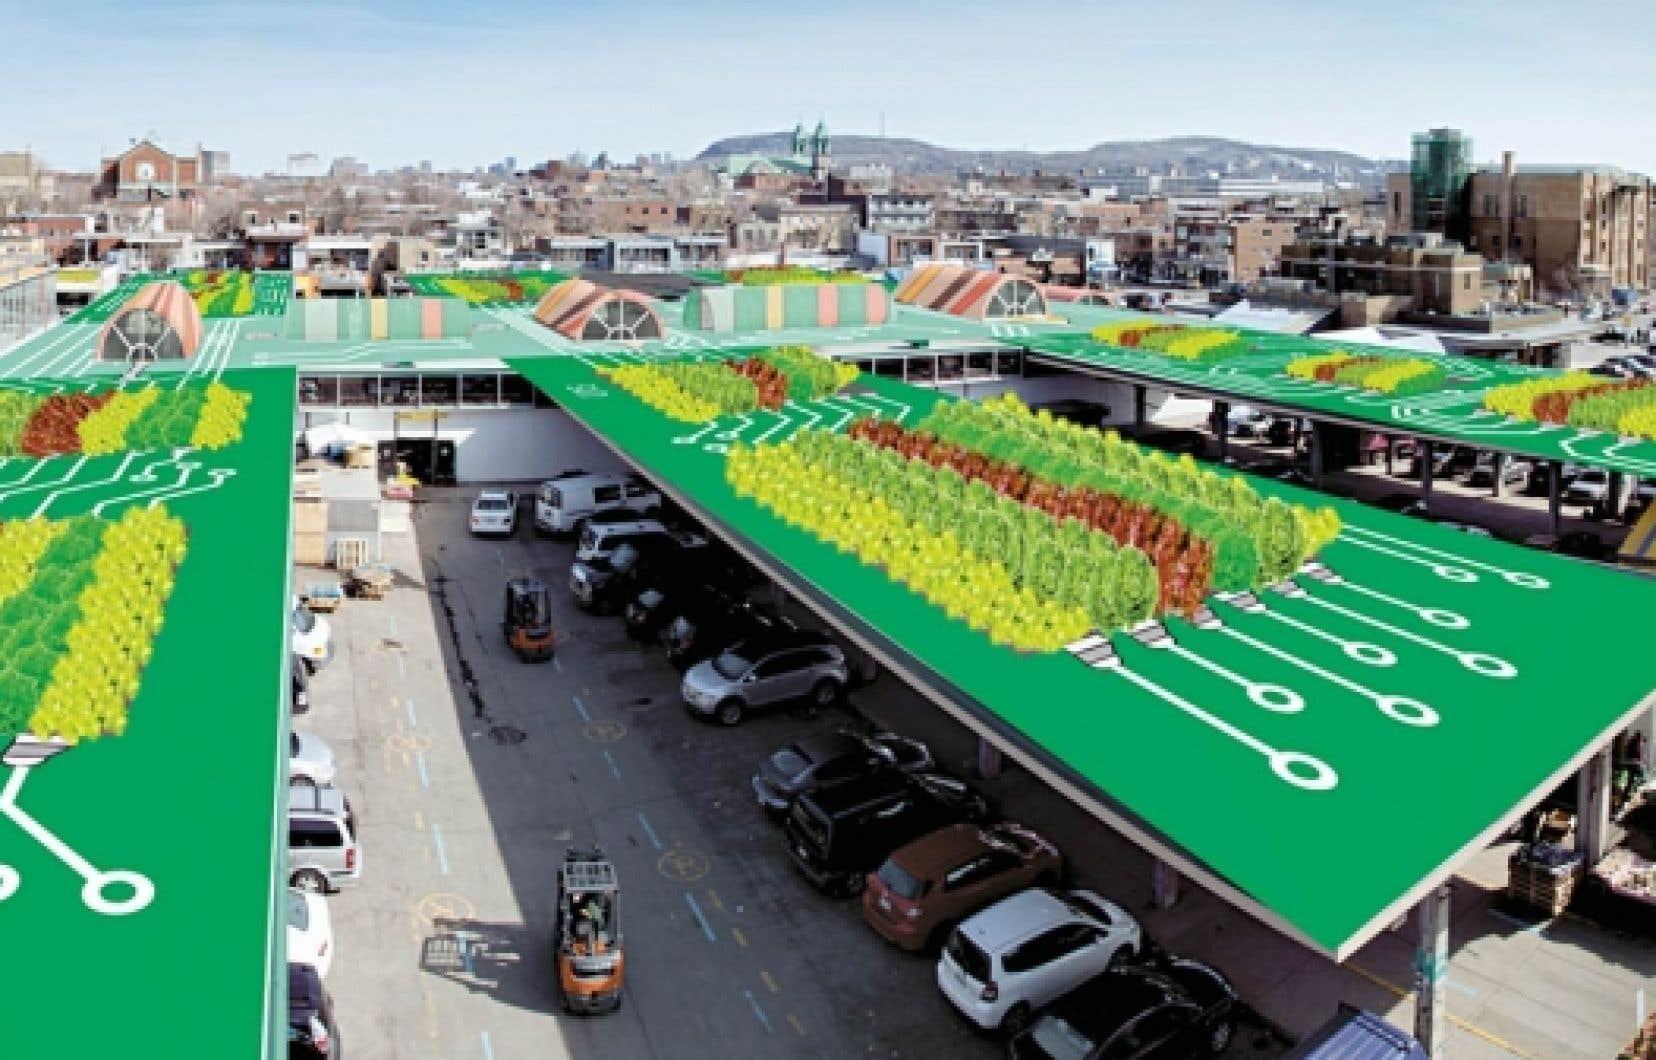 Les végétaux occuperont 30 % de la superficie totale de l'œuvre et le reste sera peint. Pas de fleurs, que des laitues (et peut-être des choux).<br />